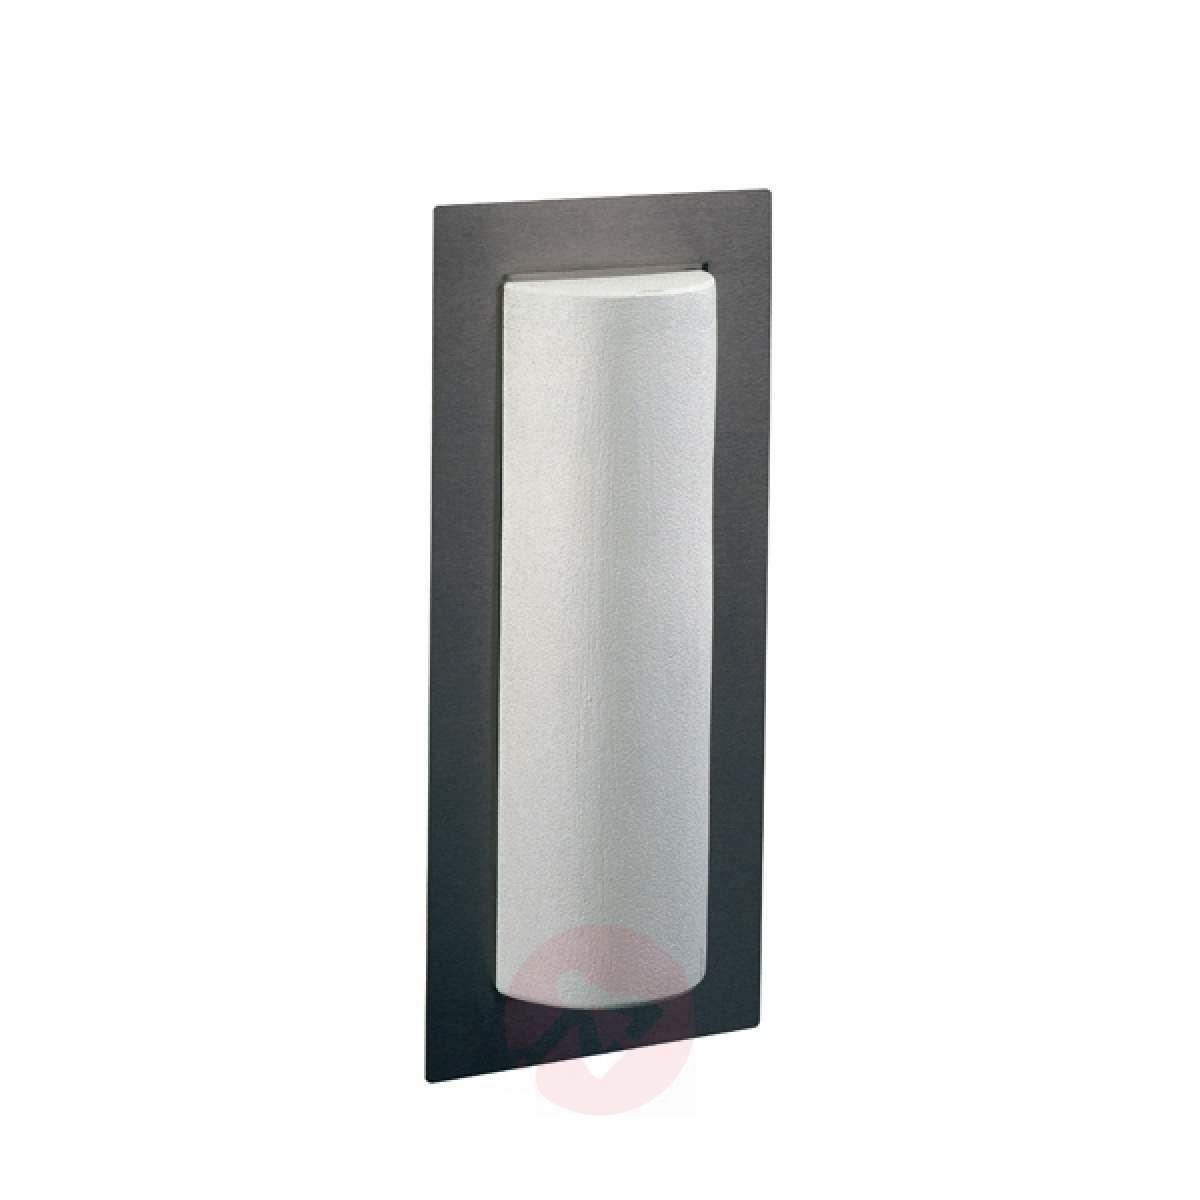 Zewnętrzna Lampa Sufitowa ścienna 420 Lampy Sufitowe